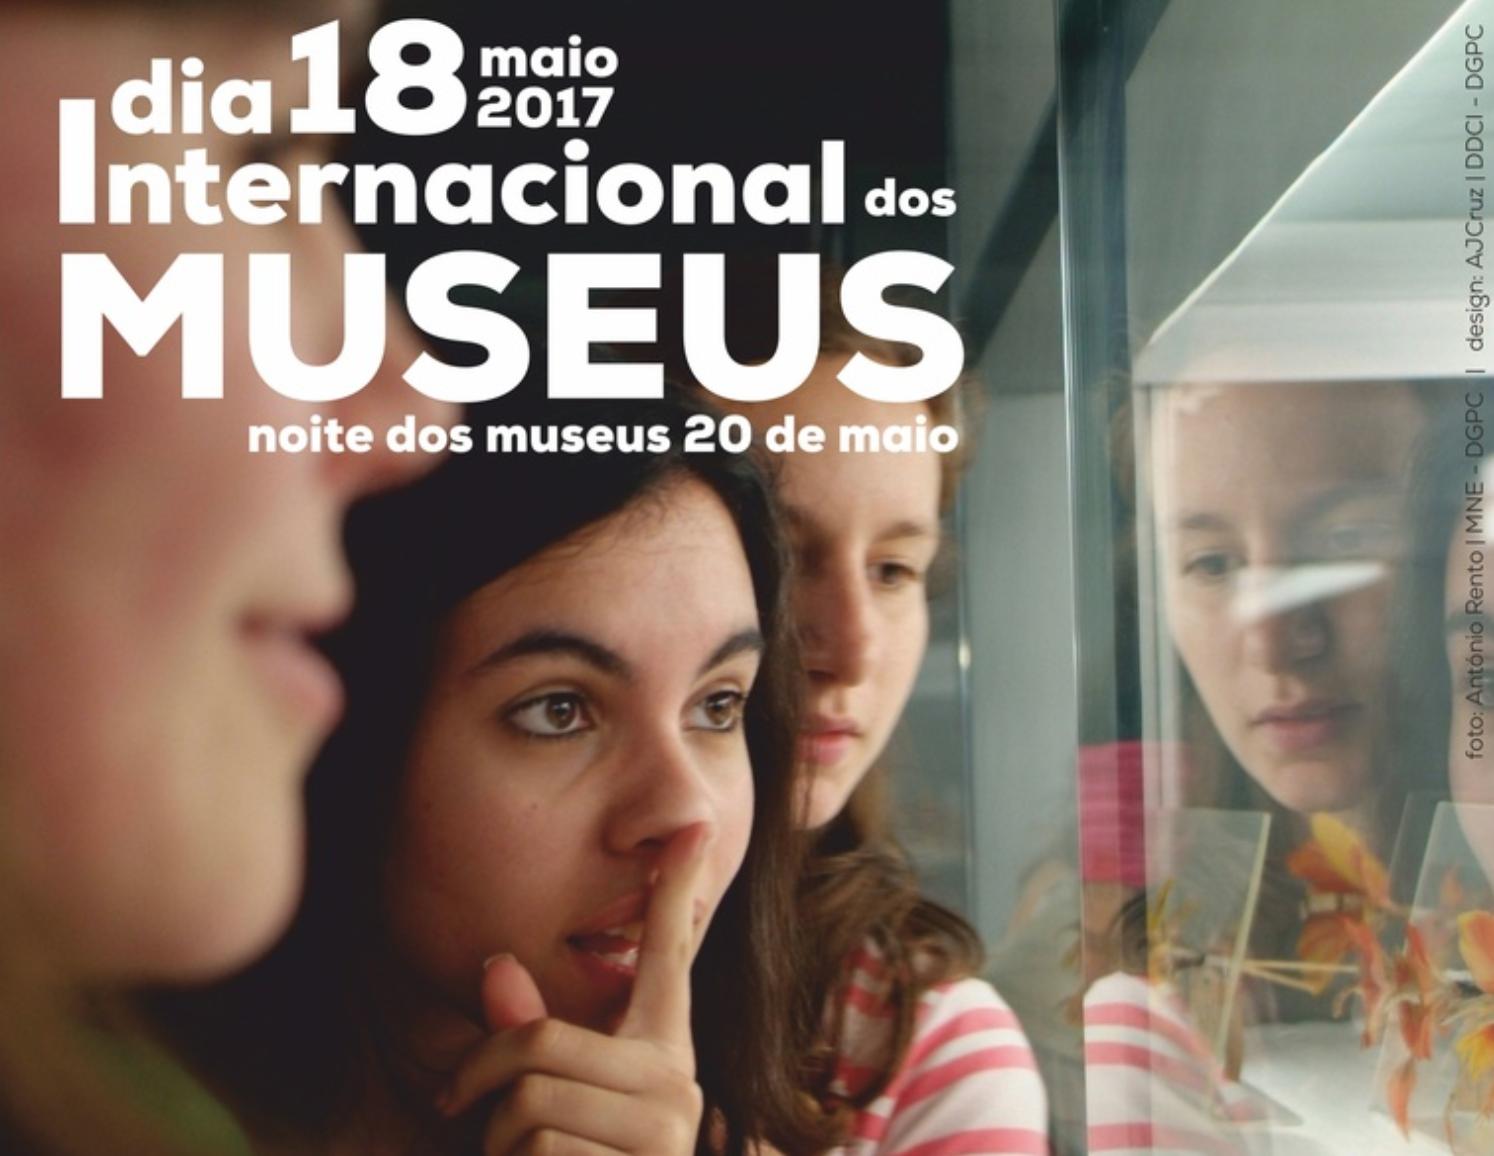 dia dos museus